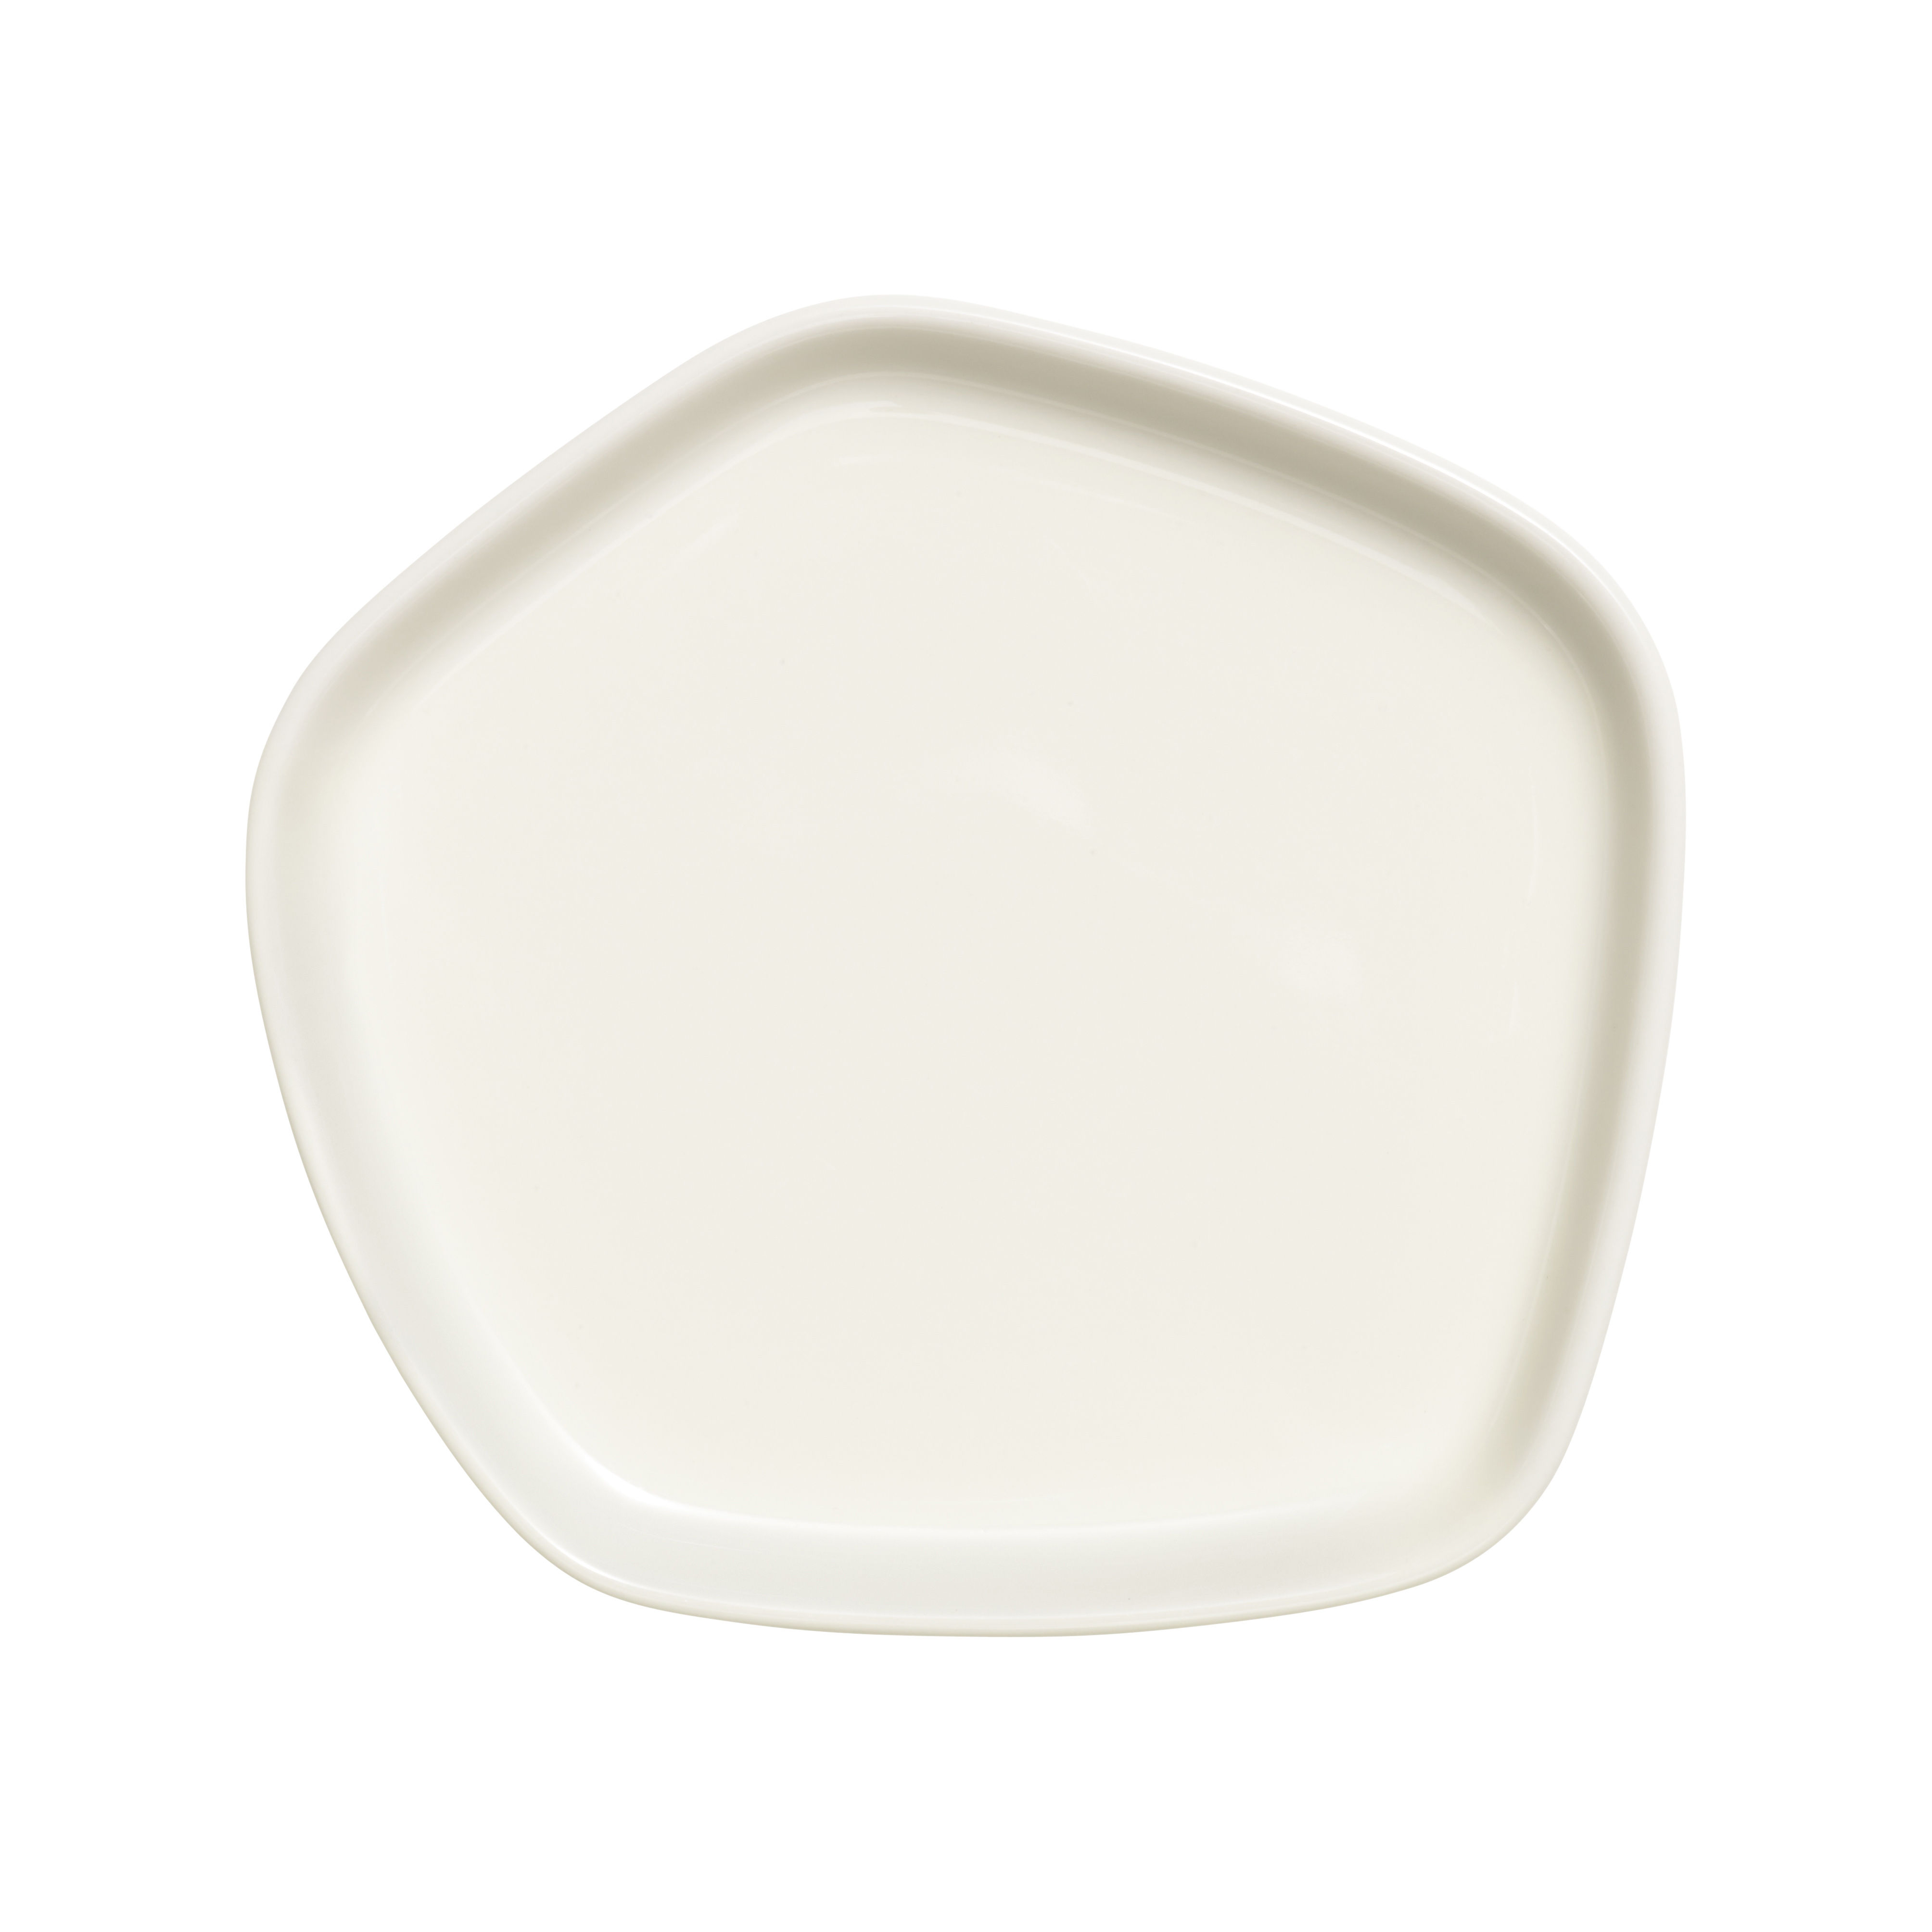 Tischkultur - Salatschüsseln und Schalen - Iittala X Issey Miyake Schale / Ø 11 cm - Iittala - Weiß - Porzellan